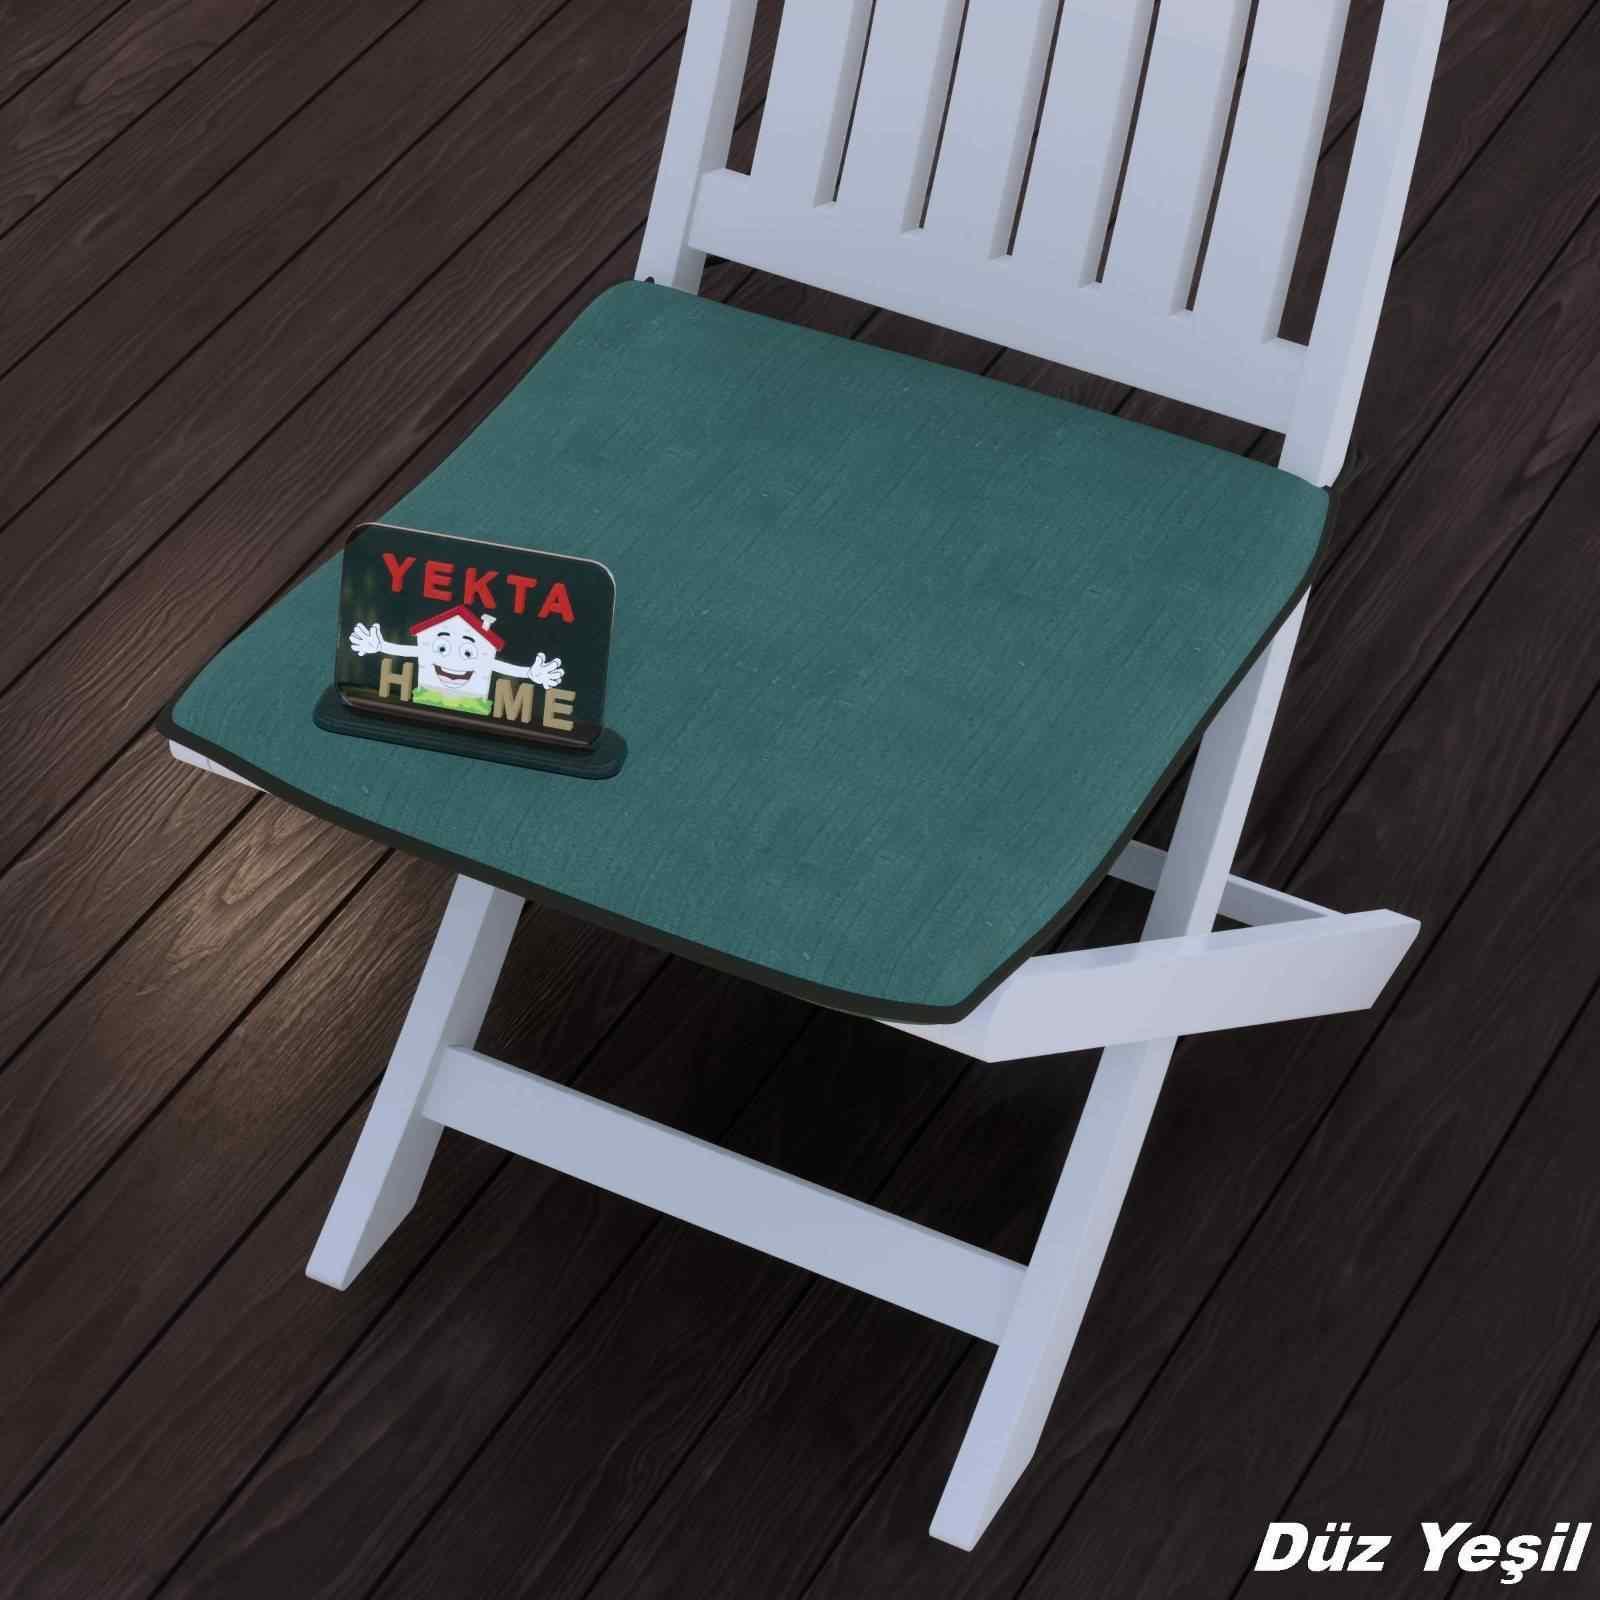 Sandalye Minderi - Rattan Koltuk Minderi 6 Adet Düz Yeşil